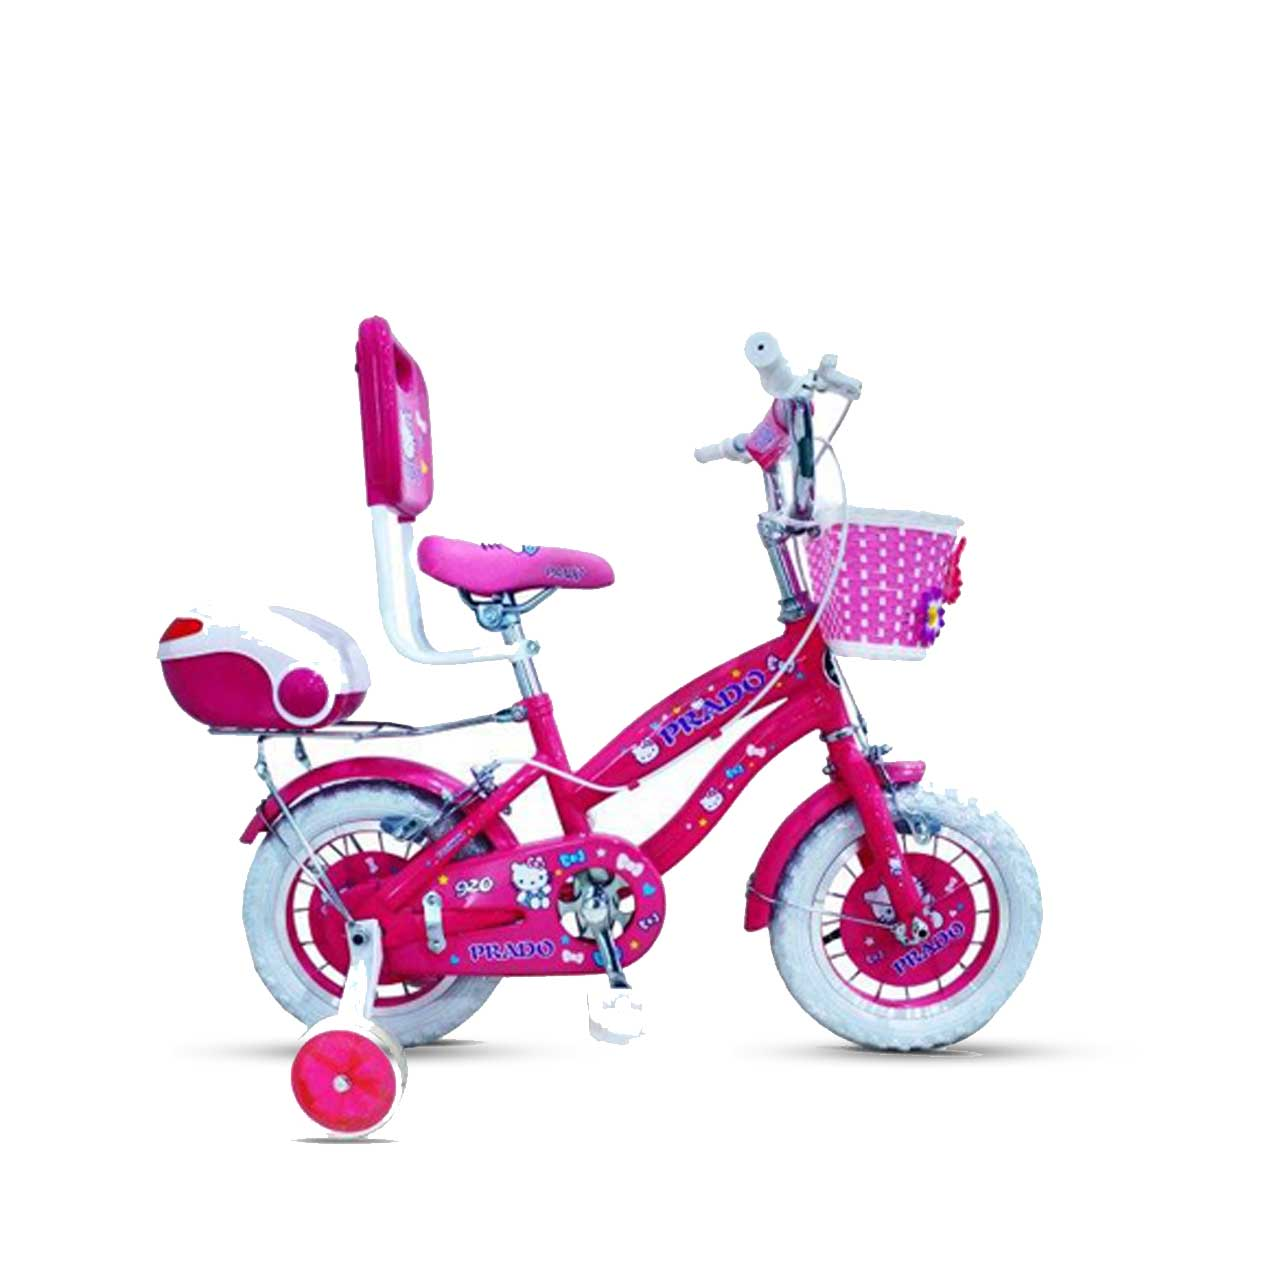 دوچرخه کودک پرادو مدل HR920 سایز ۱۲